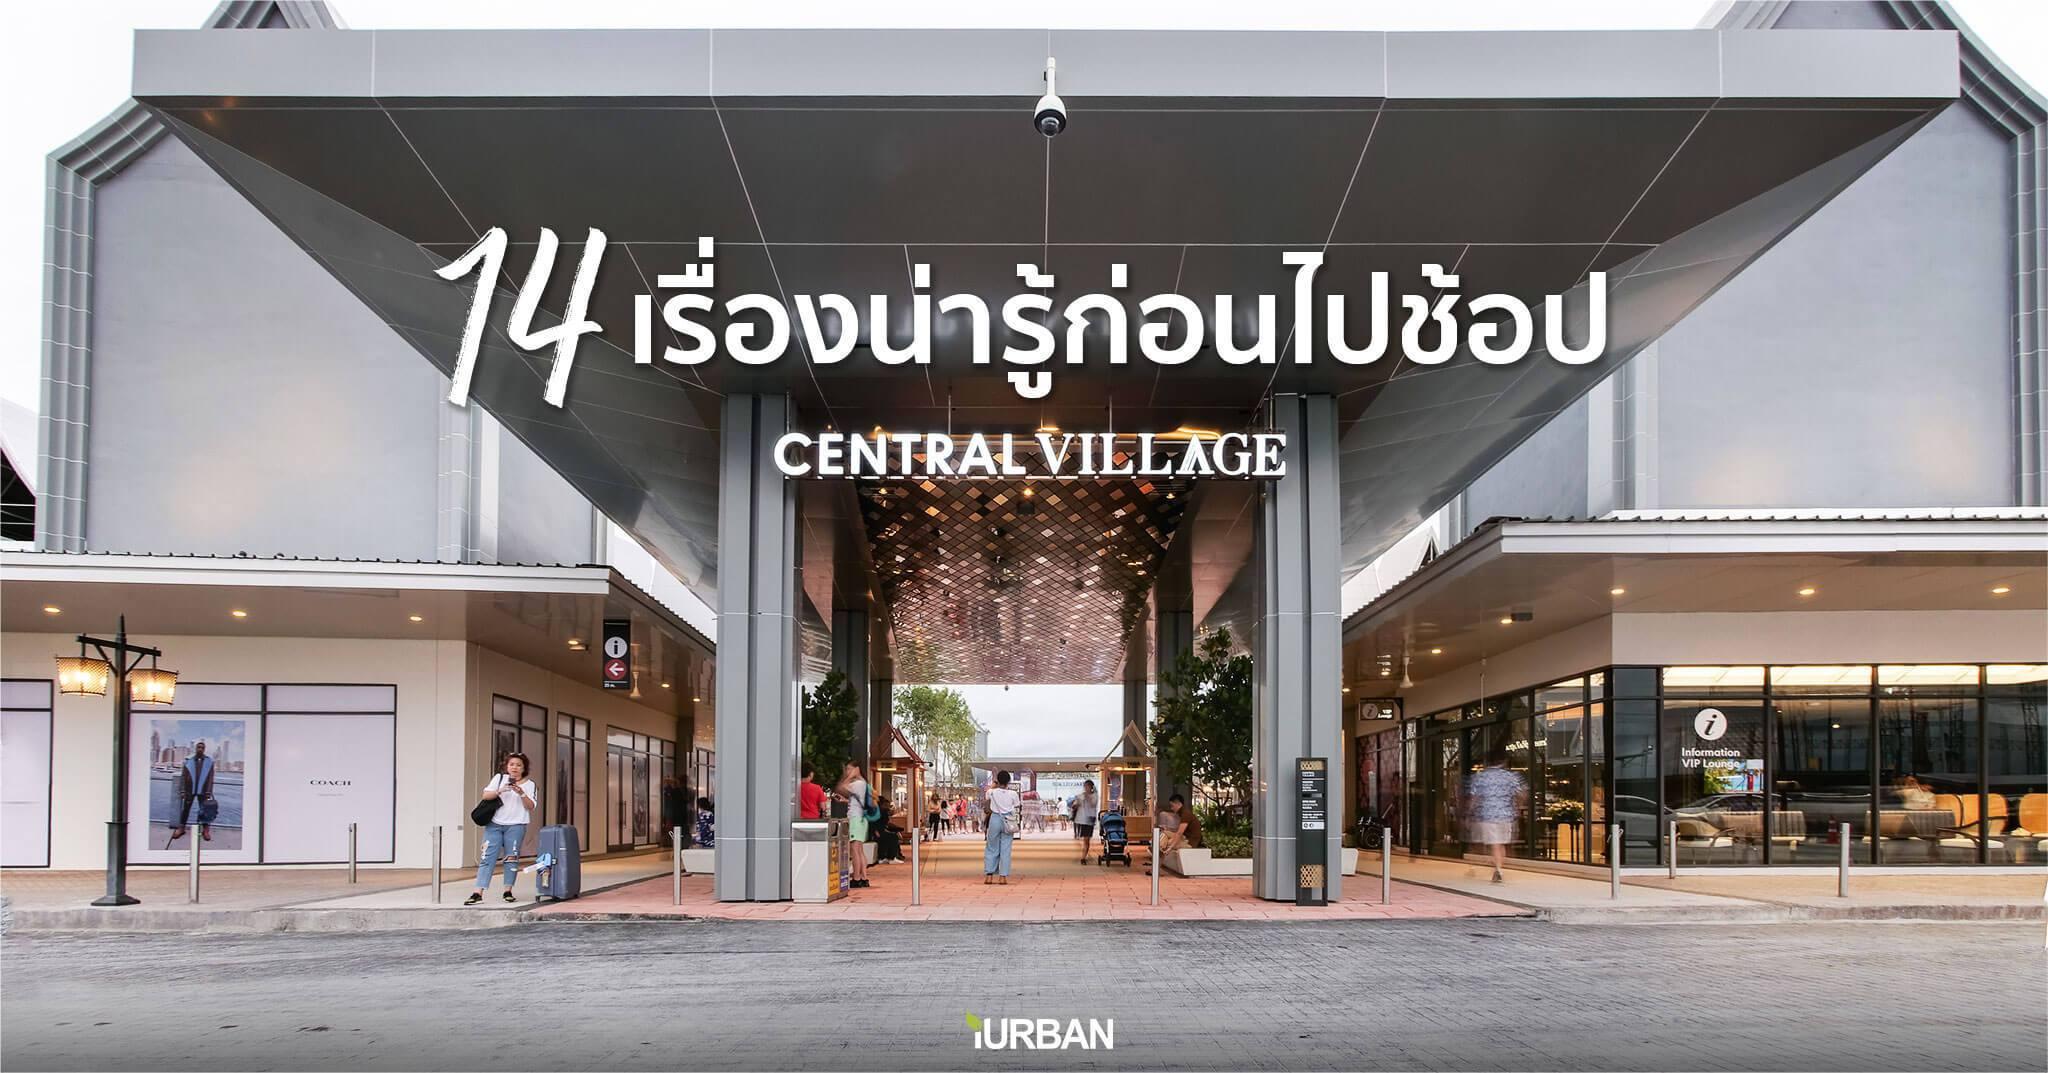 曼谷首家奥特莱斯打折村Central Village,100块买TF